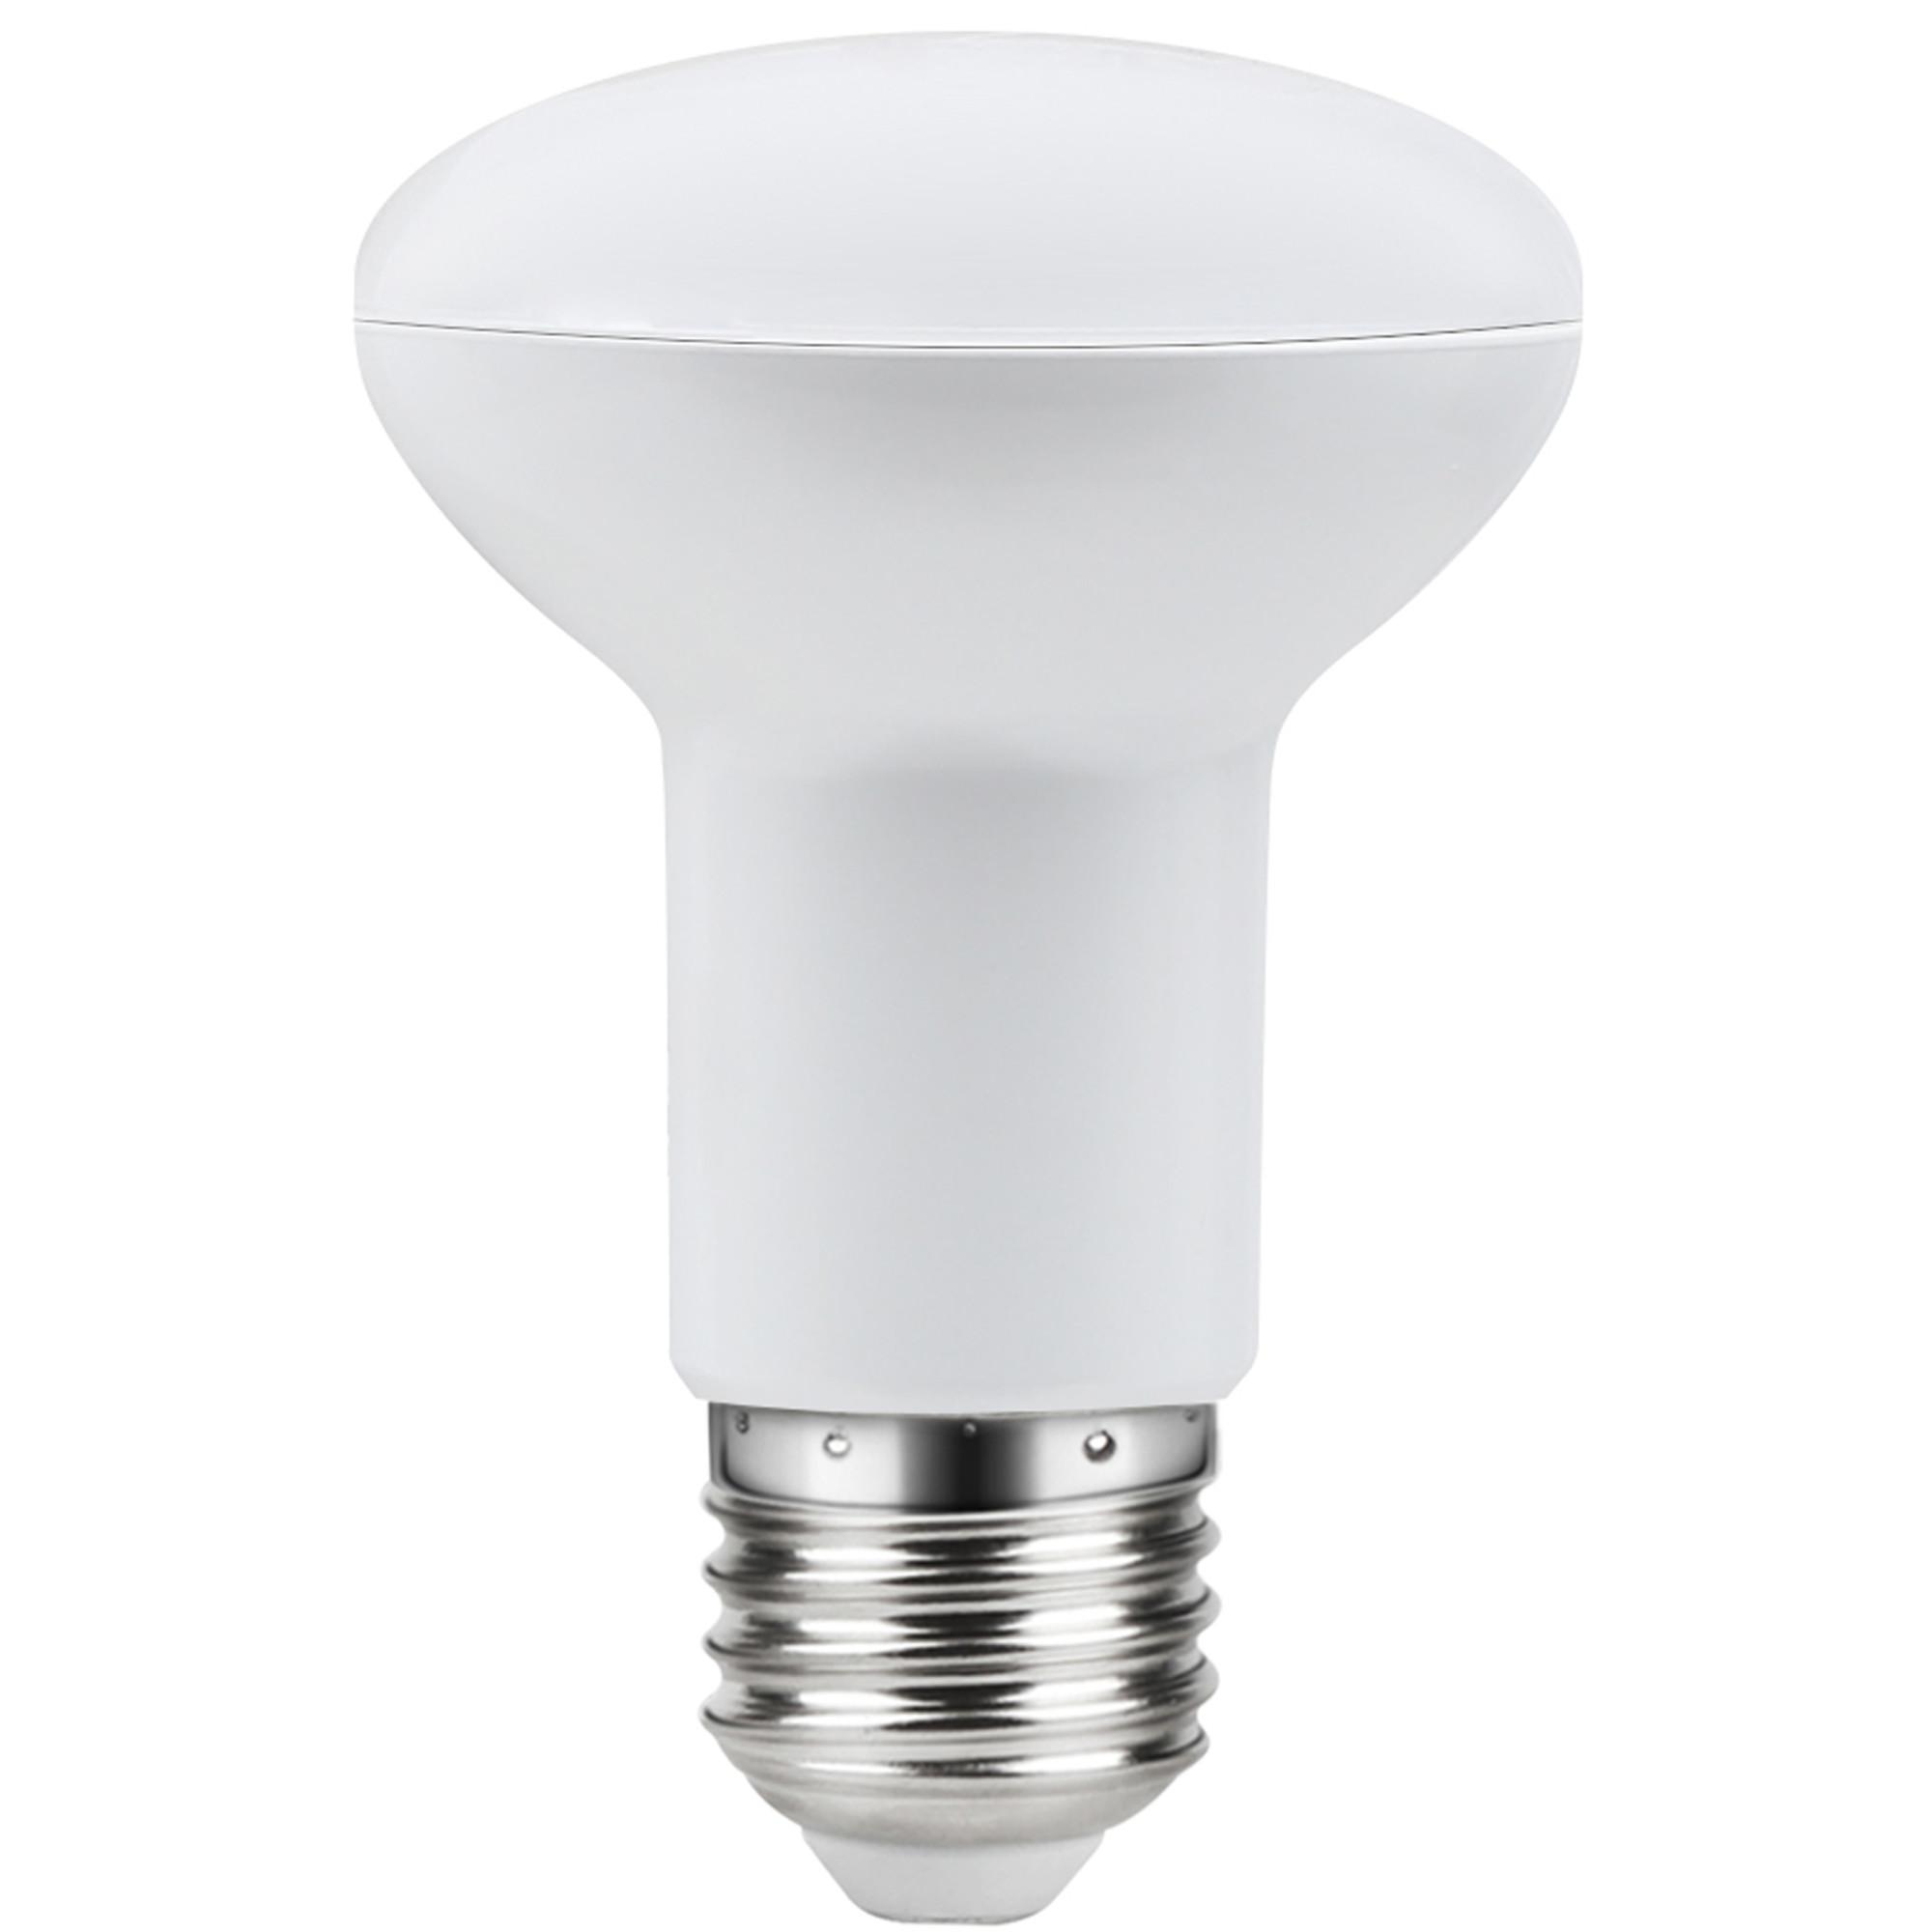 Лампа светодиодная Lexman E27 220 В 7.5 Вт рефлектор прозрачный 806 лм белый свет